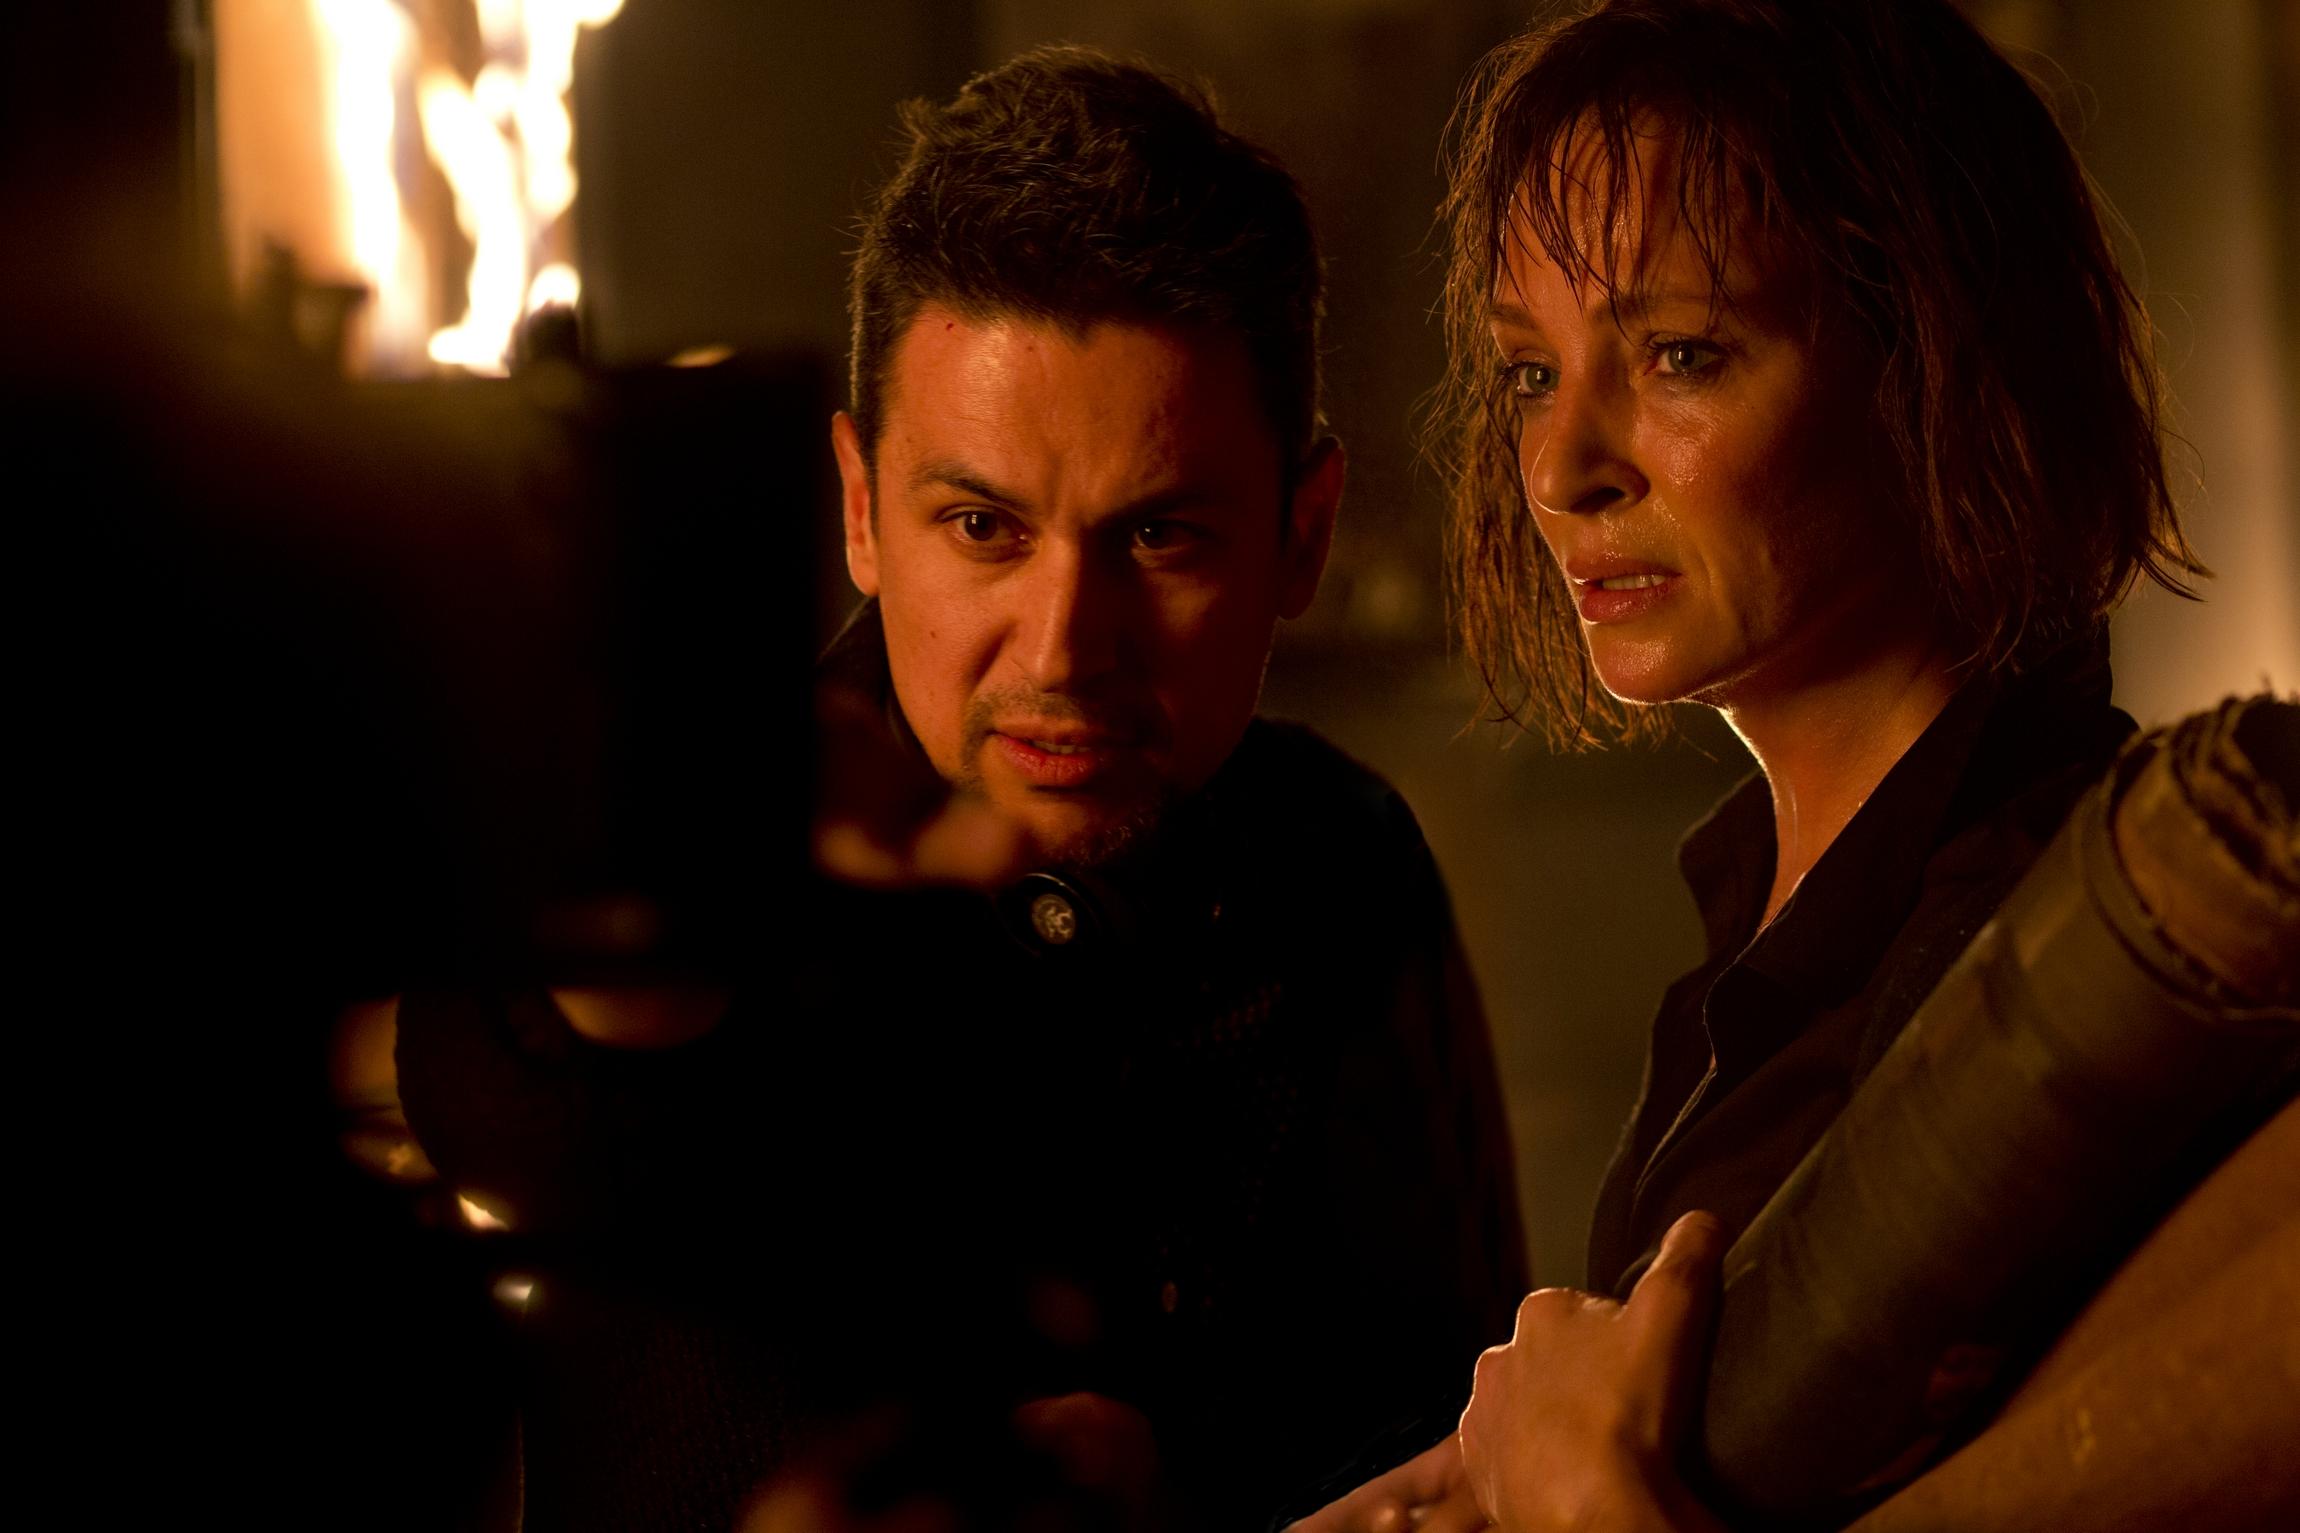 BLACKWOOD. Rodrigo Cortés y Uma Thurman en el rodaje. Foto cortesía de Nostromo Pictures